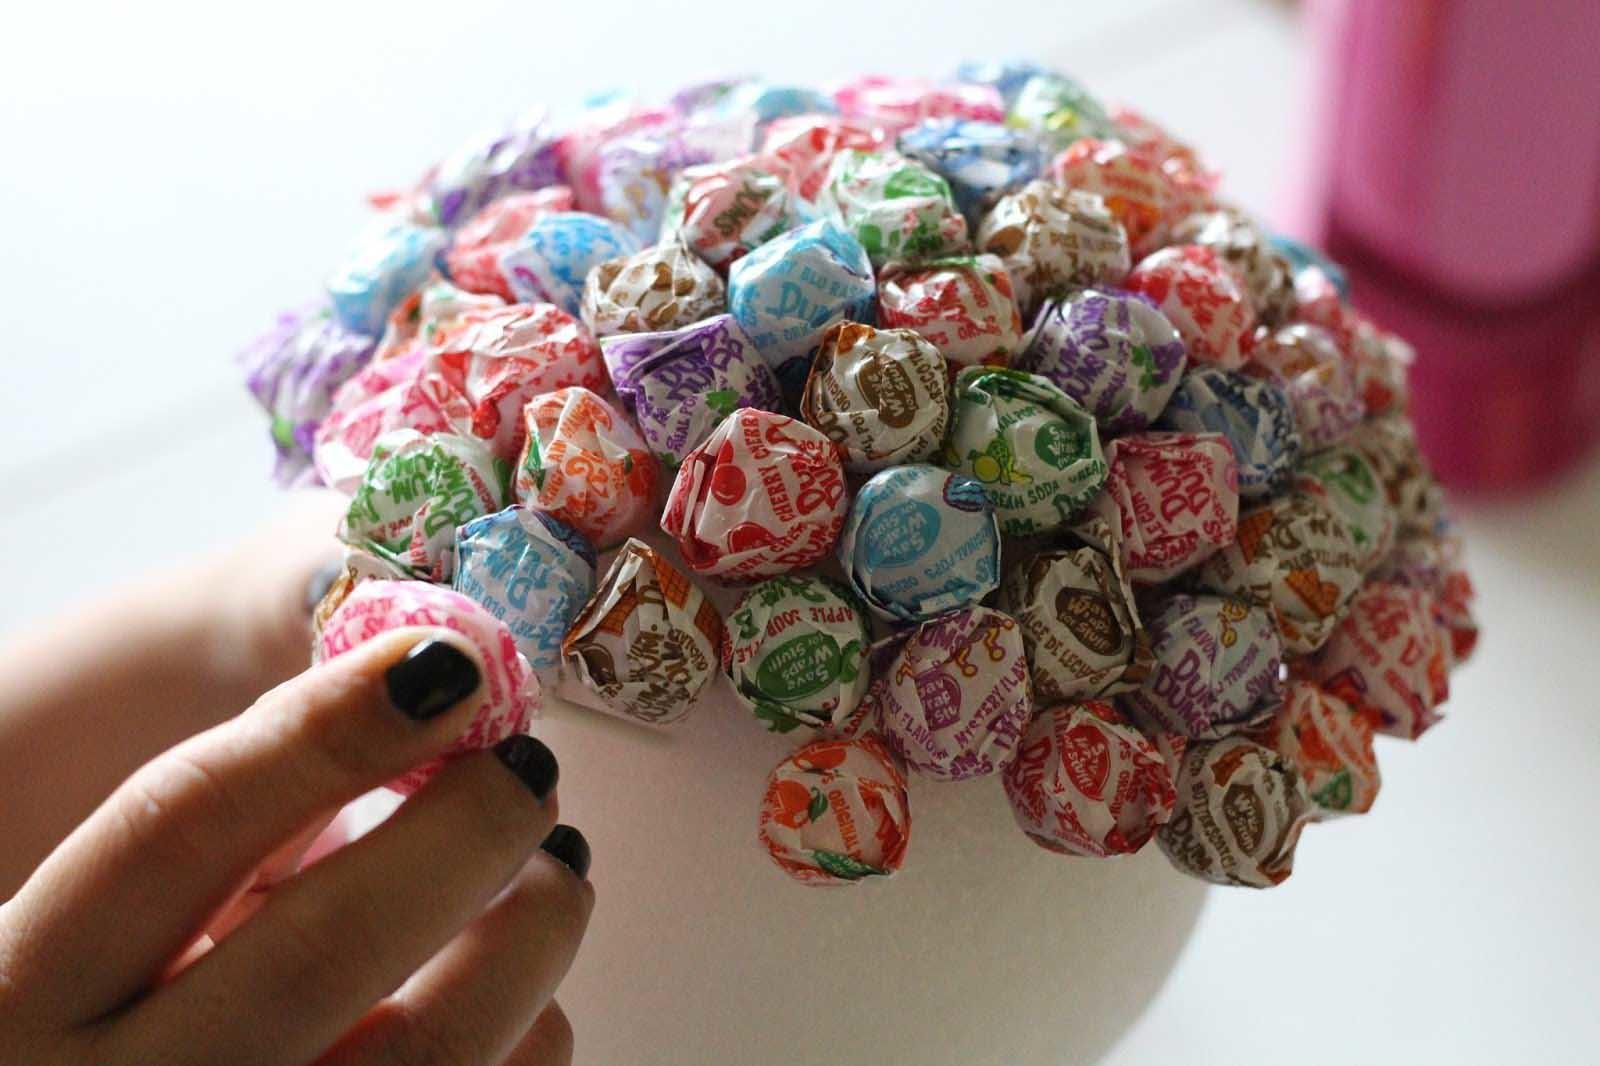 1408029155_topiariy-iz-konfet-3 Топиарий из конфет. Сладкий топиарий: дерево, яблоко, букет и часы из конфет